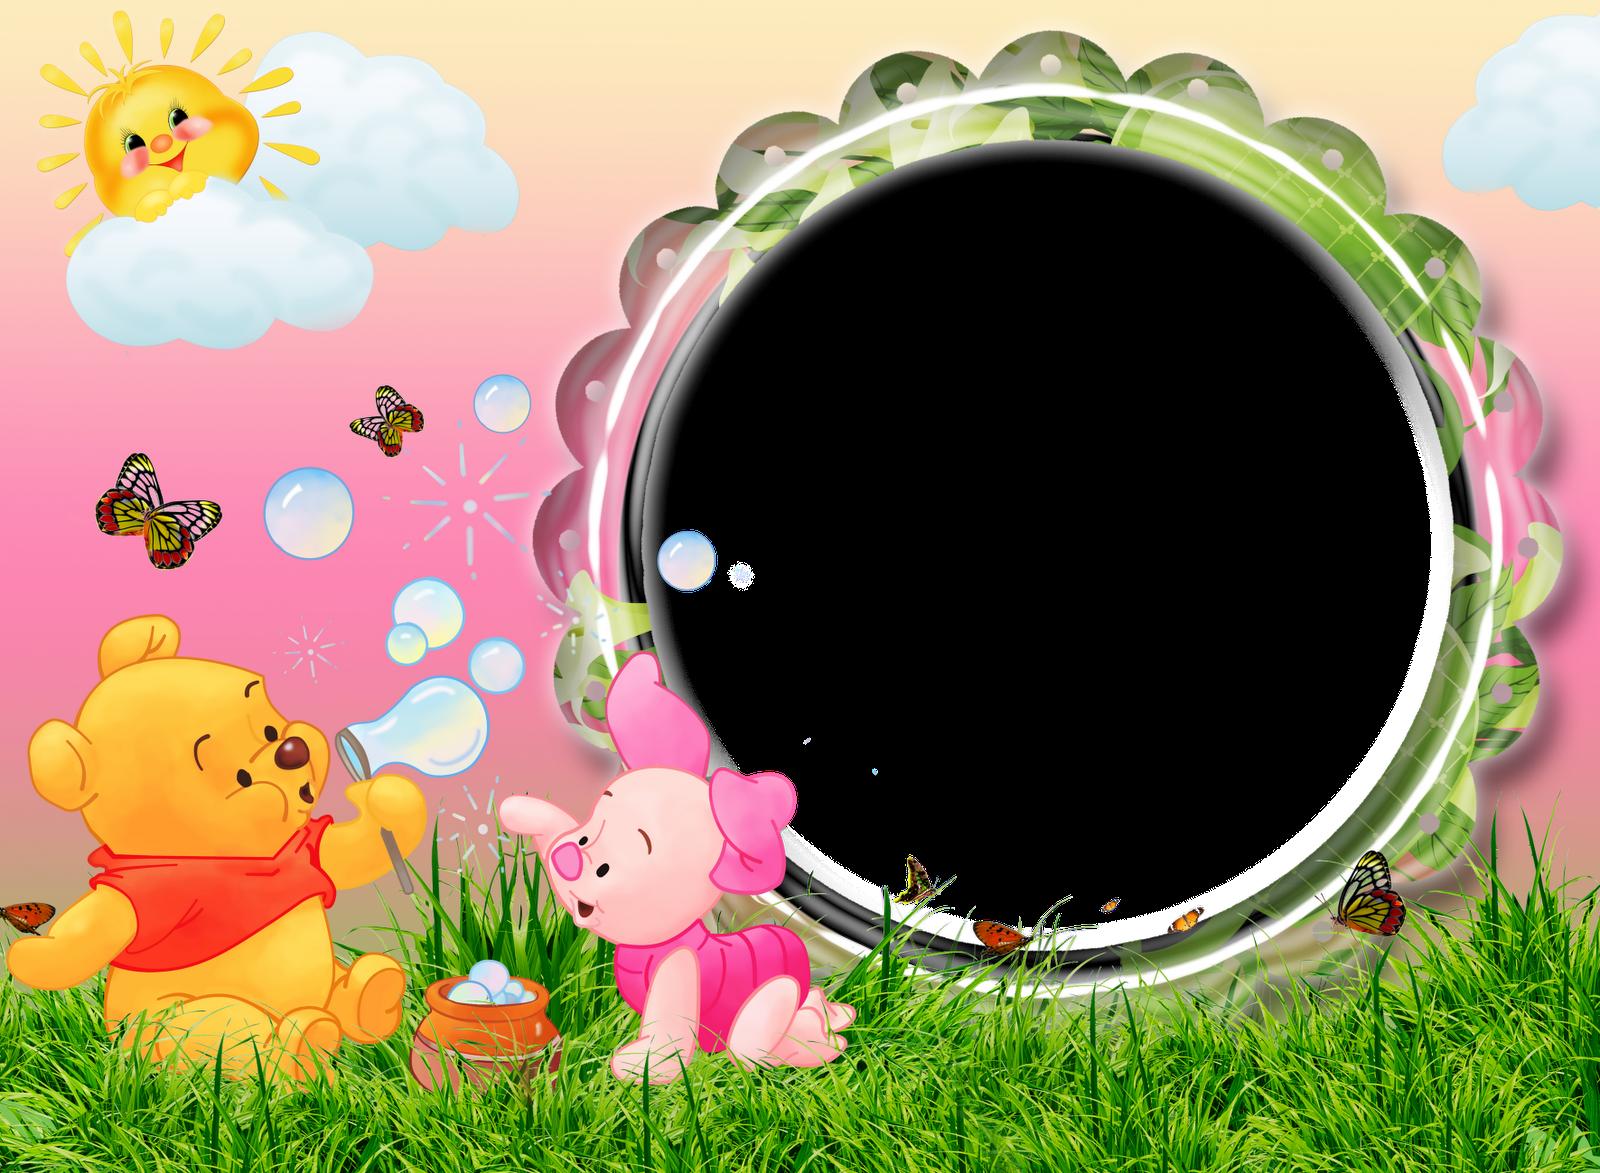 Imagenes Infantiles De Winnie the Pooh